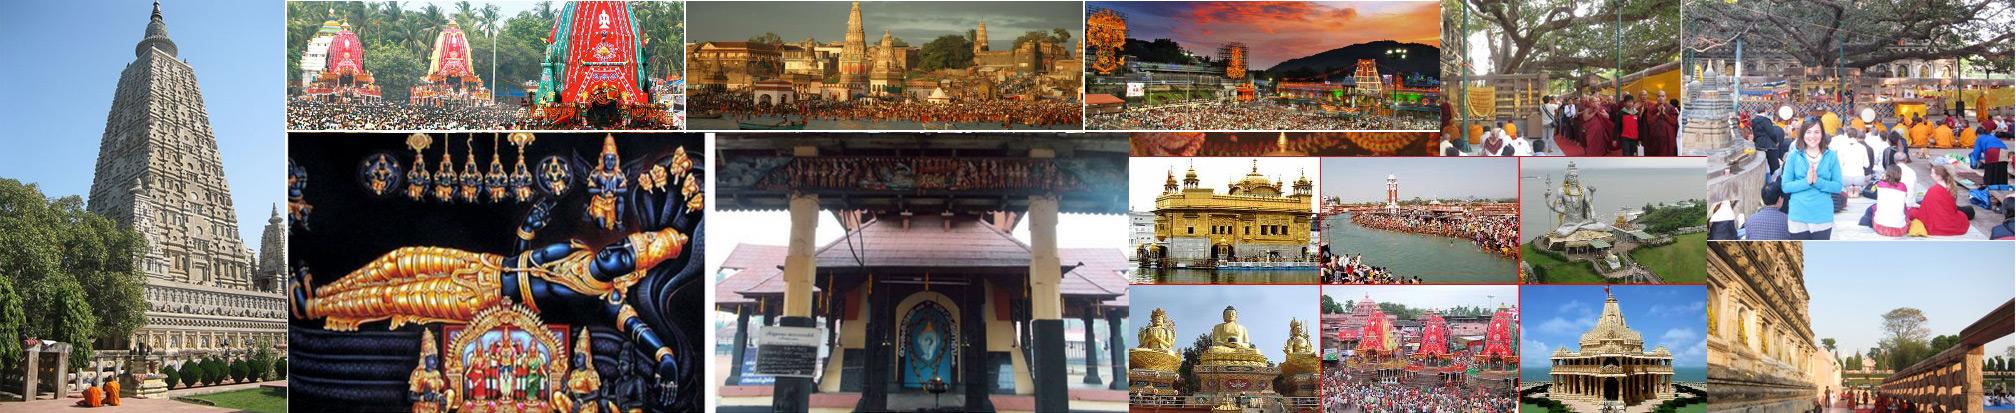 pilgrimage tourism in kerala pdf